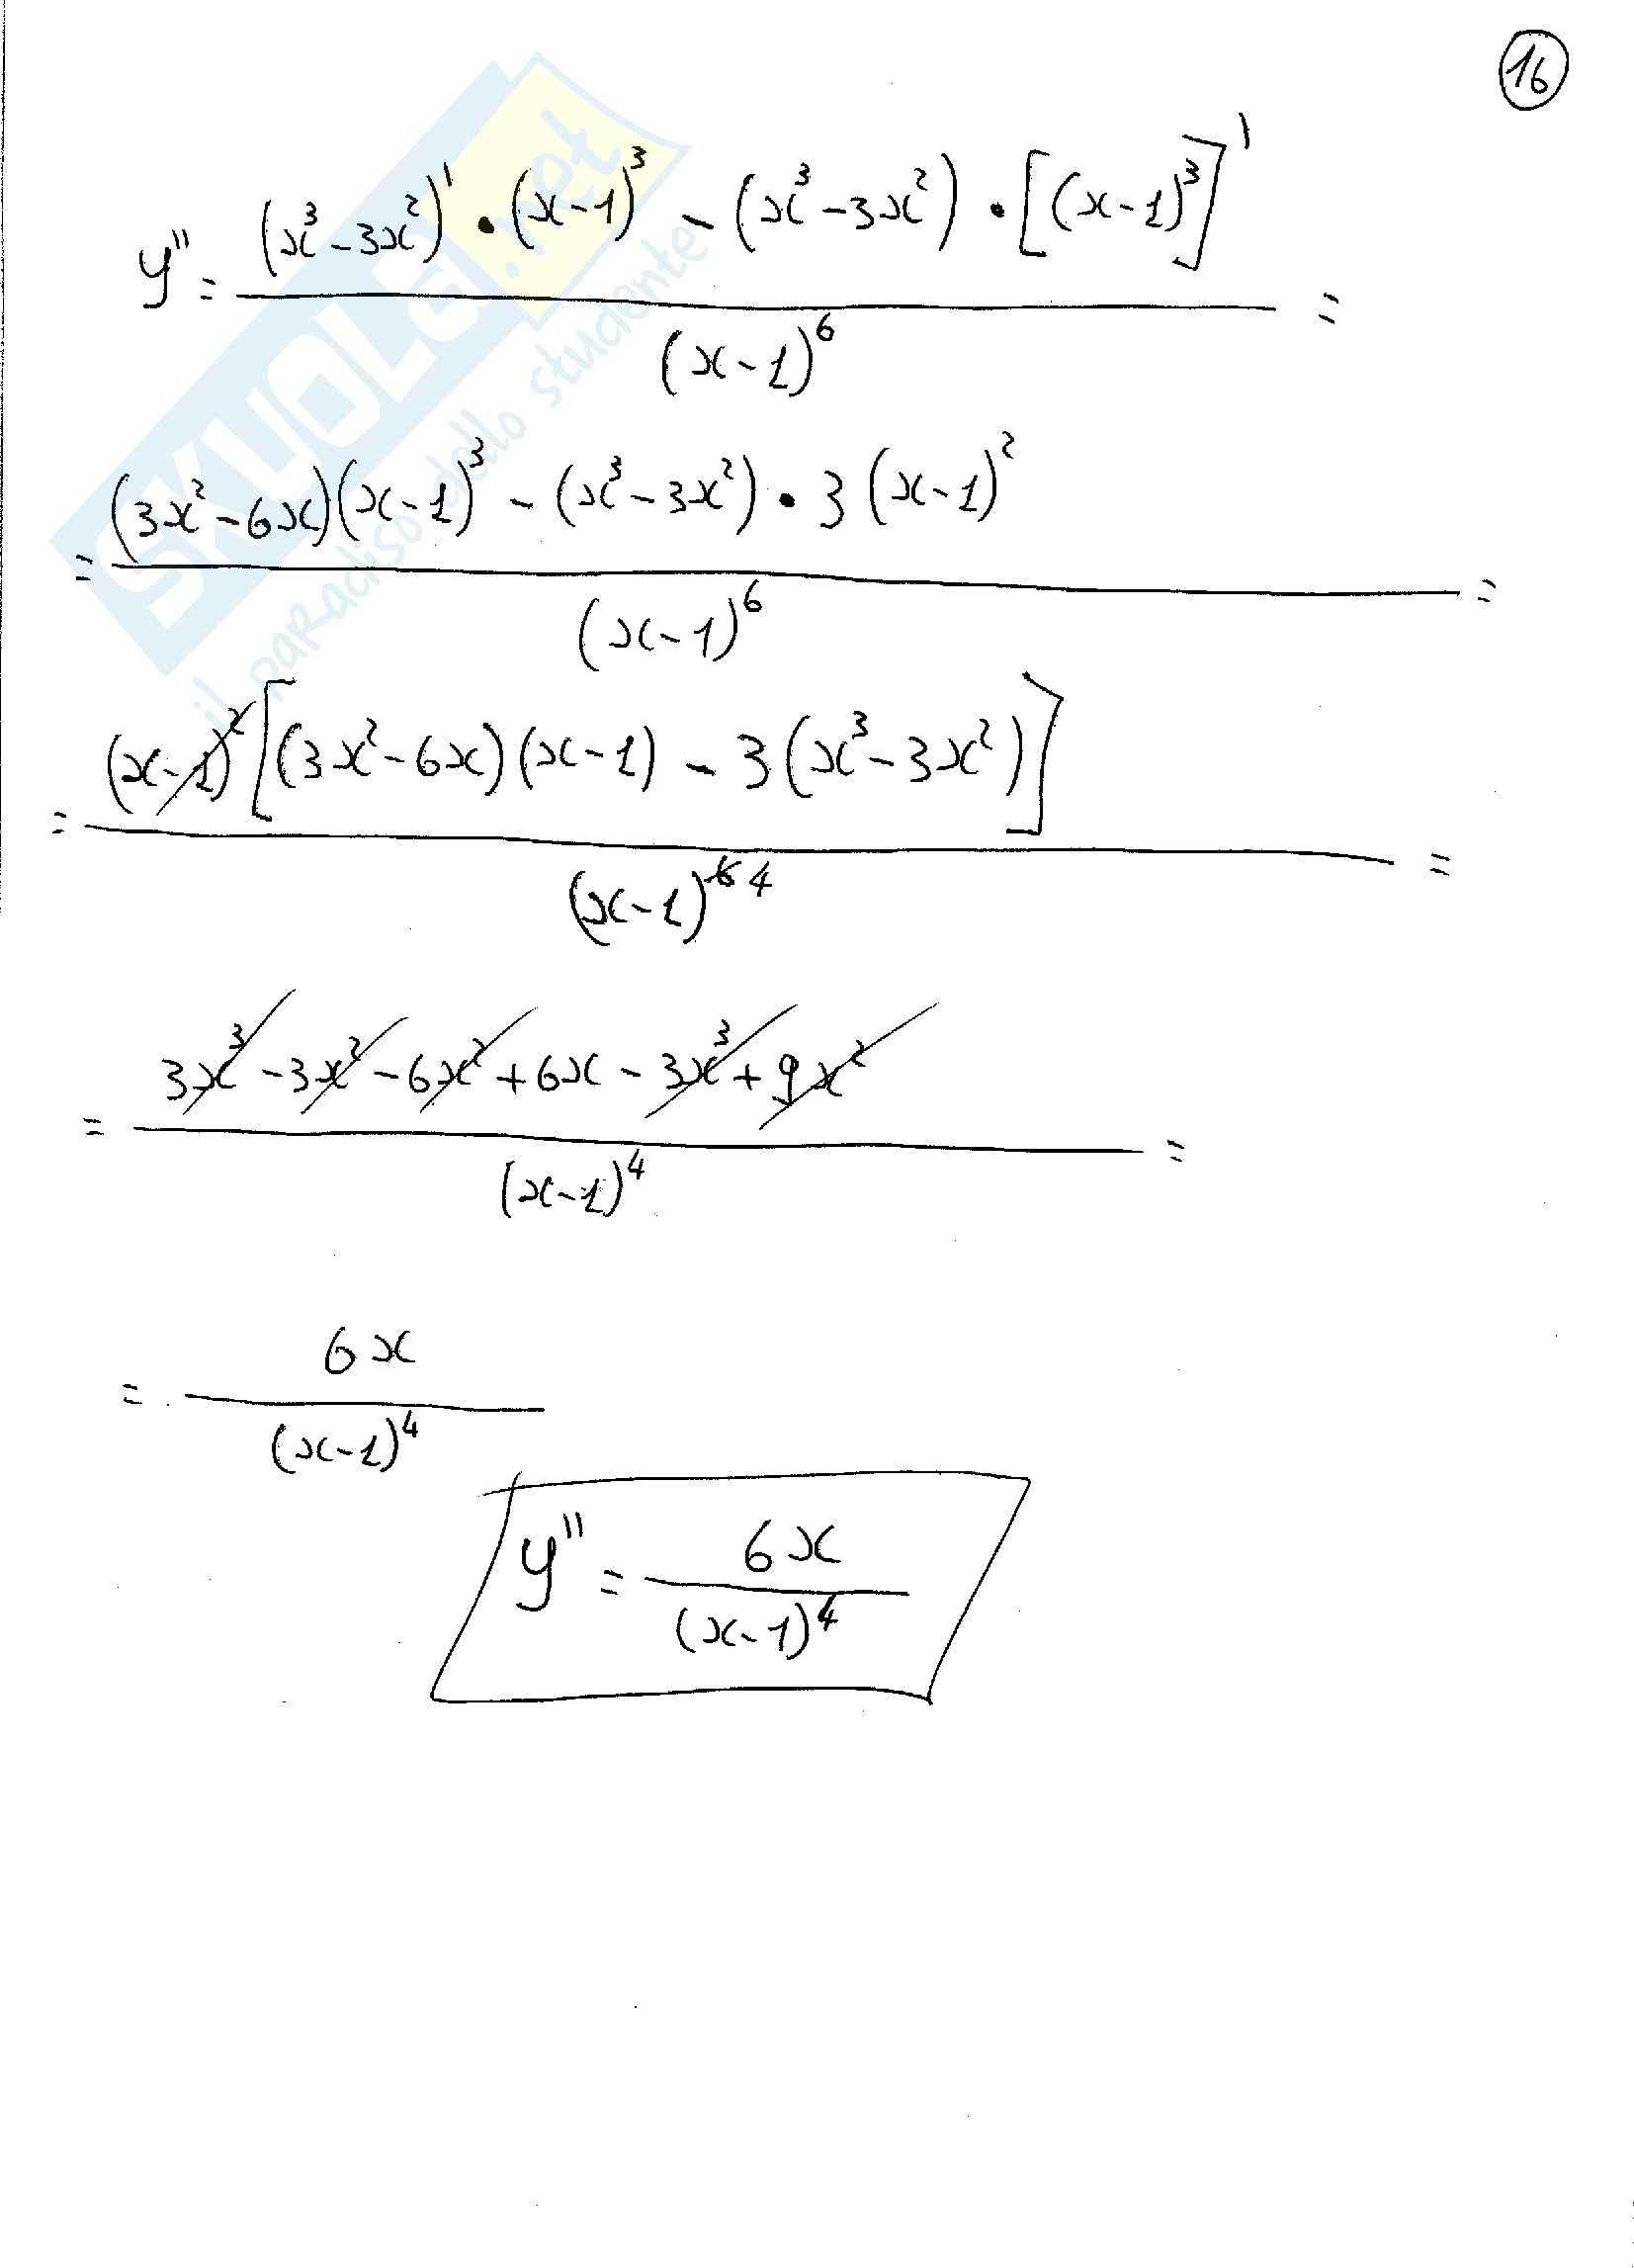 Analisi matematica 1 - esercizi Svolti sulle funzioni razionali fratte Pag. 16